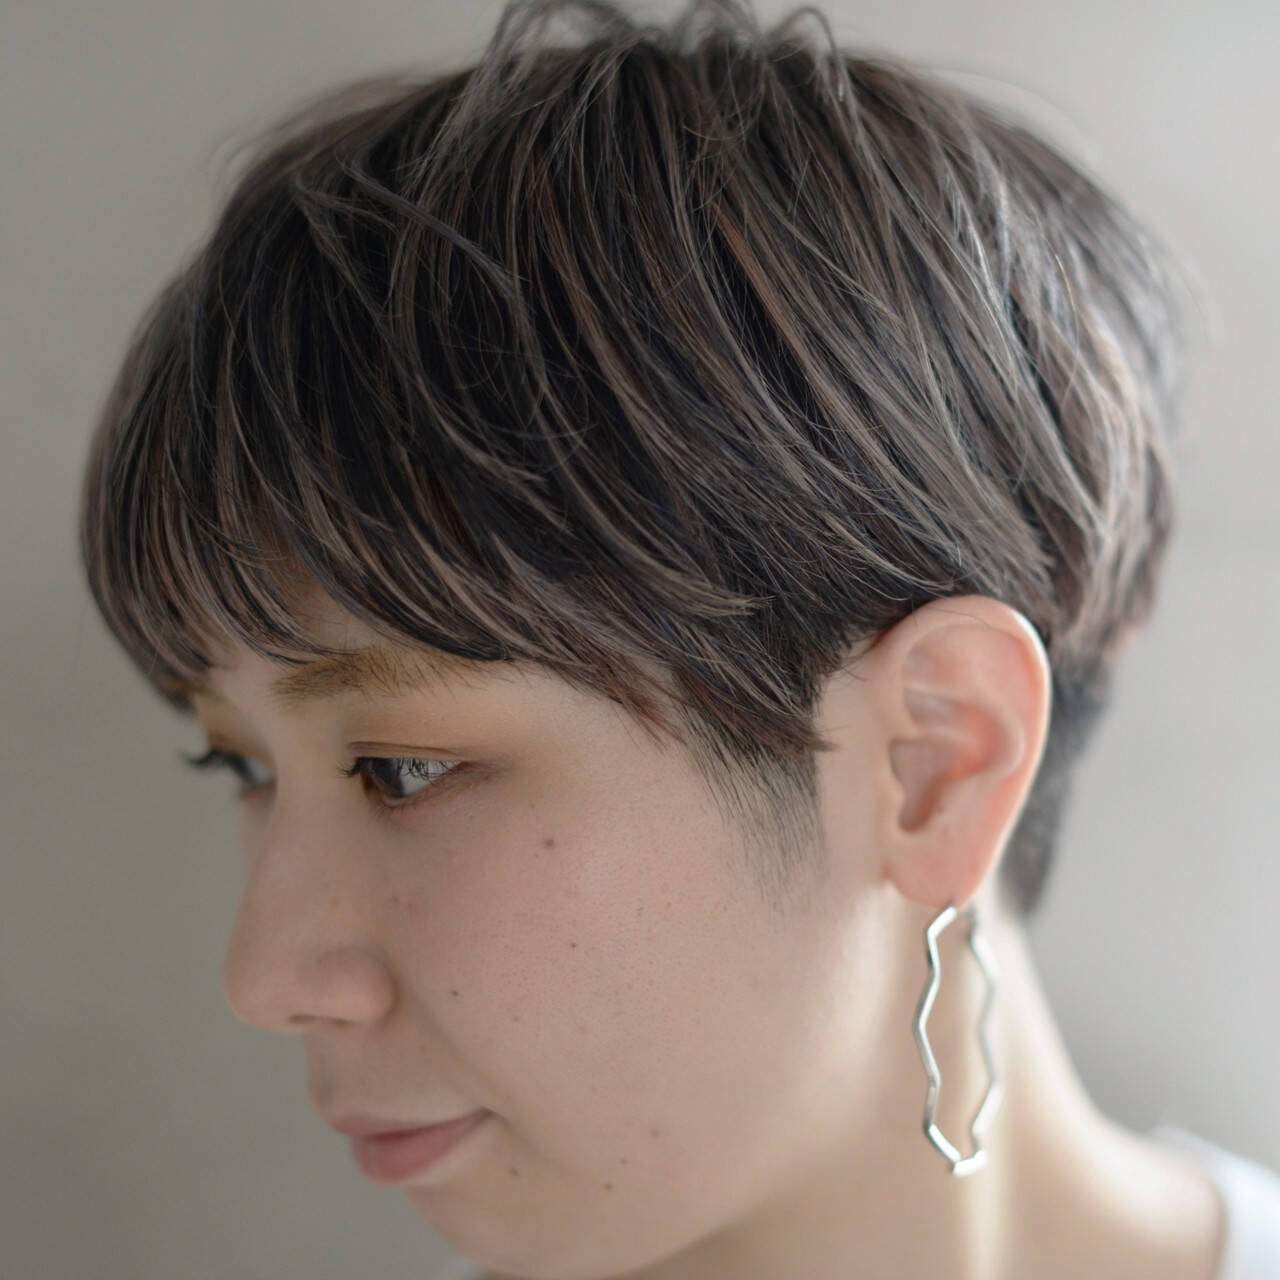 マッシュ ストリート ハイライト ベリーショートヘアスタイルや髪型の写真・画像